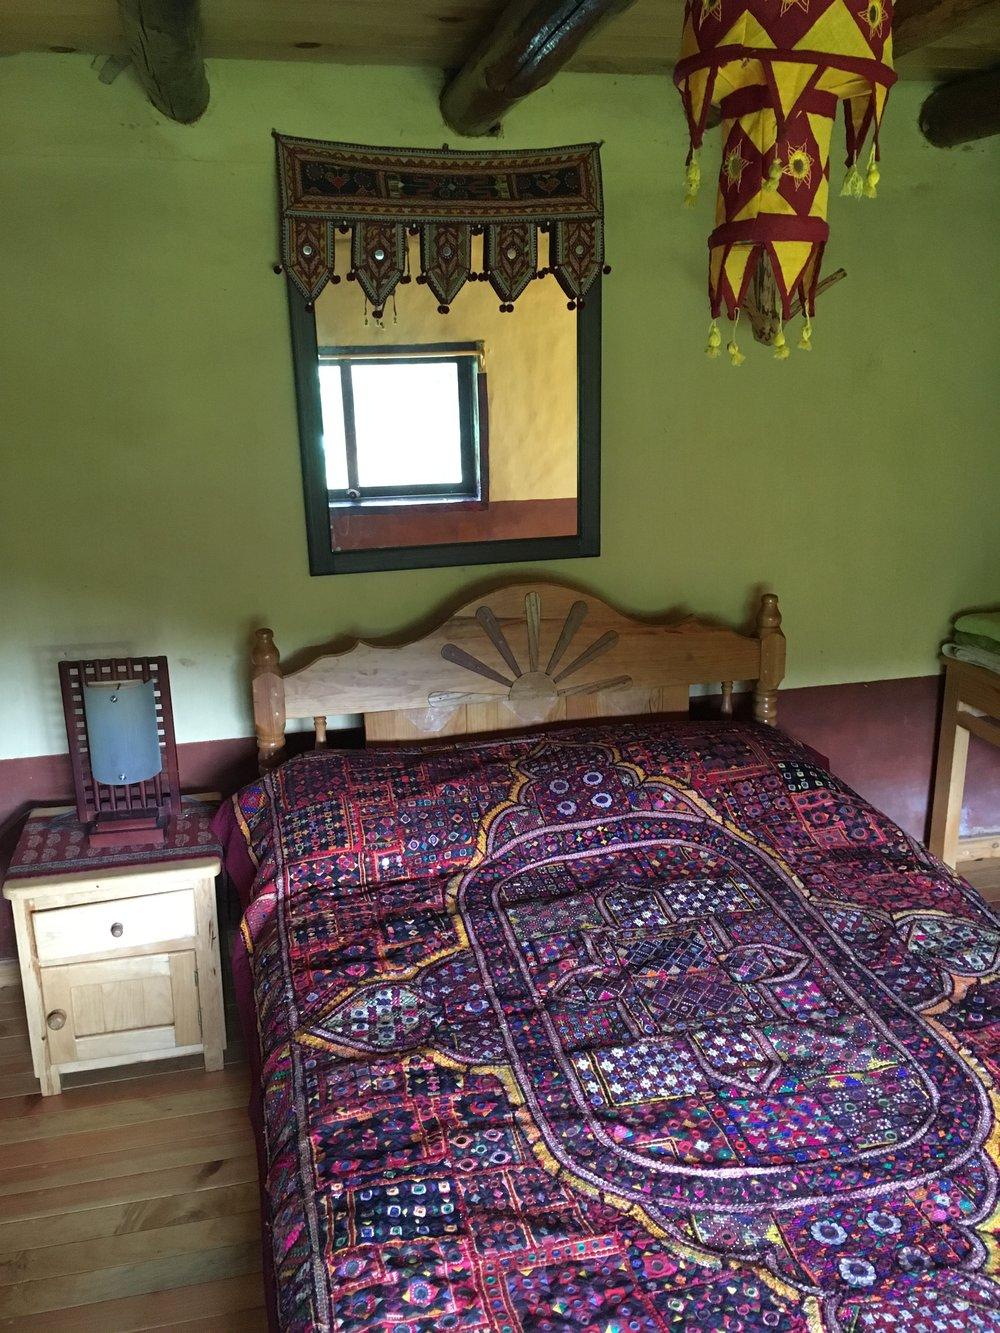 Cabaña Miradoruna cabaña muy linda de barro con su propio fuego, cama matrimonial, en un lugar tranquilo con su propio patio donde se puede ver las montañas del atardecer. Con baño propio, ecológico, afuera. Opciones de camas en el segundo piso. - 1-4 personas $850